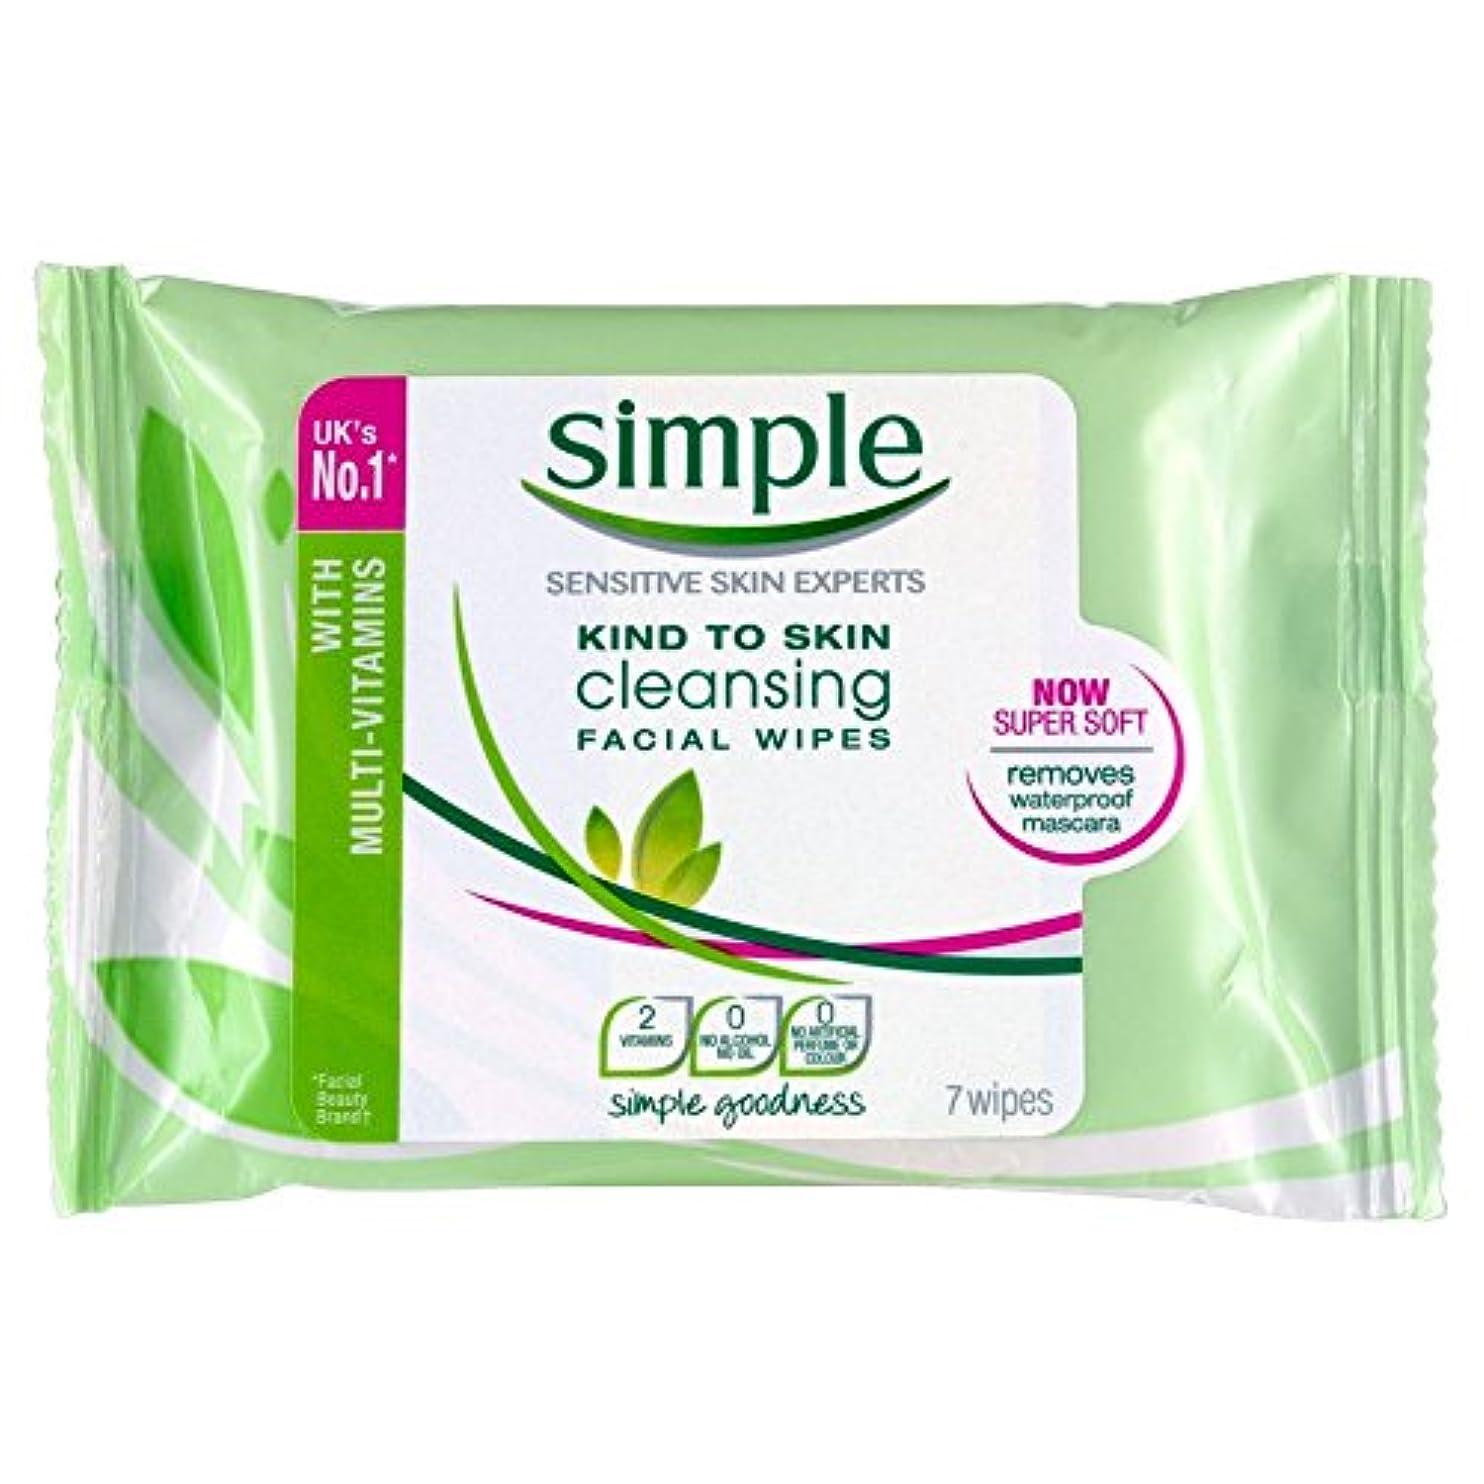 アラブサラボ嫉妬払い戻しSimple Kind to Skin Cleansing Facial Wipes (7 per pack) 肌のクレンジングフェイシャルワイプへの単純な種類(パック当たり7 ) [並行輸入品]